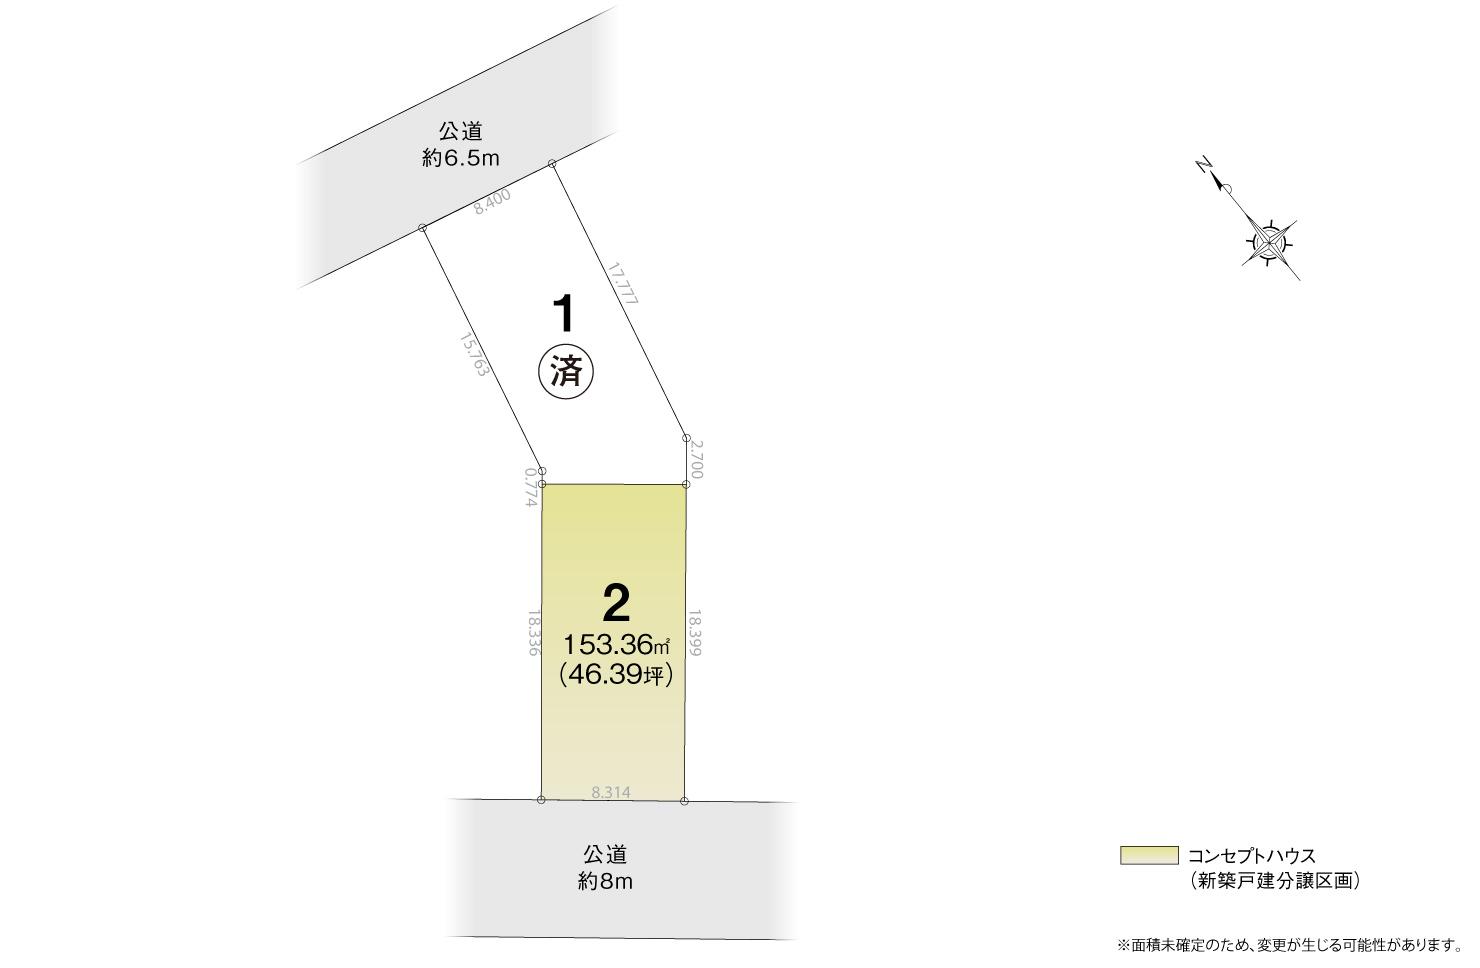 4_区画図_天白区西入町2